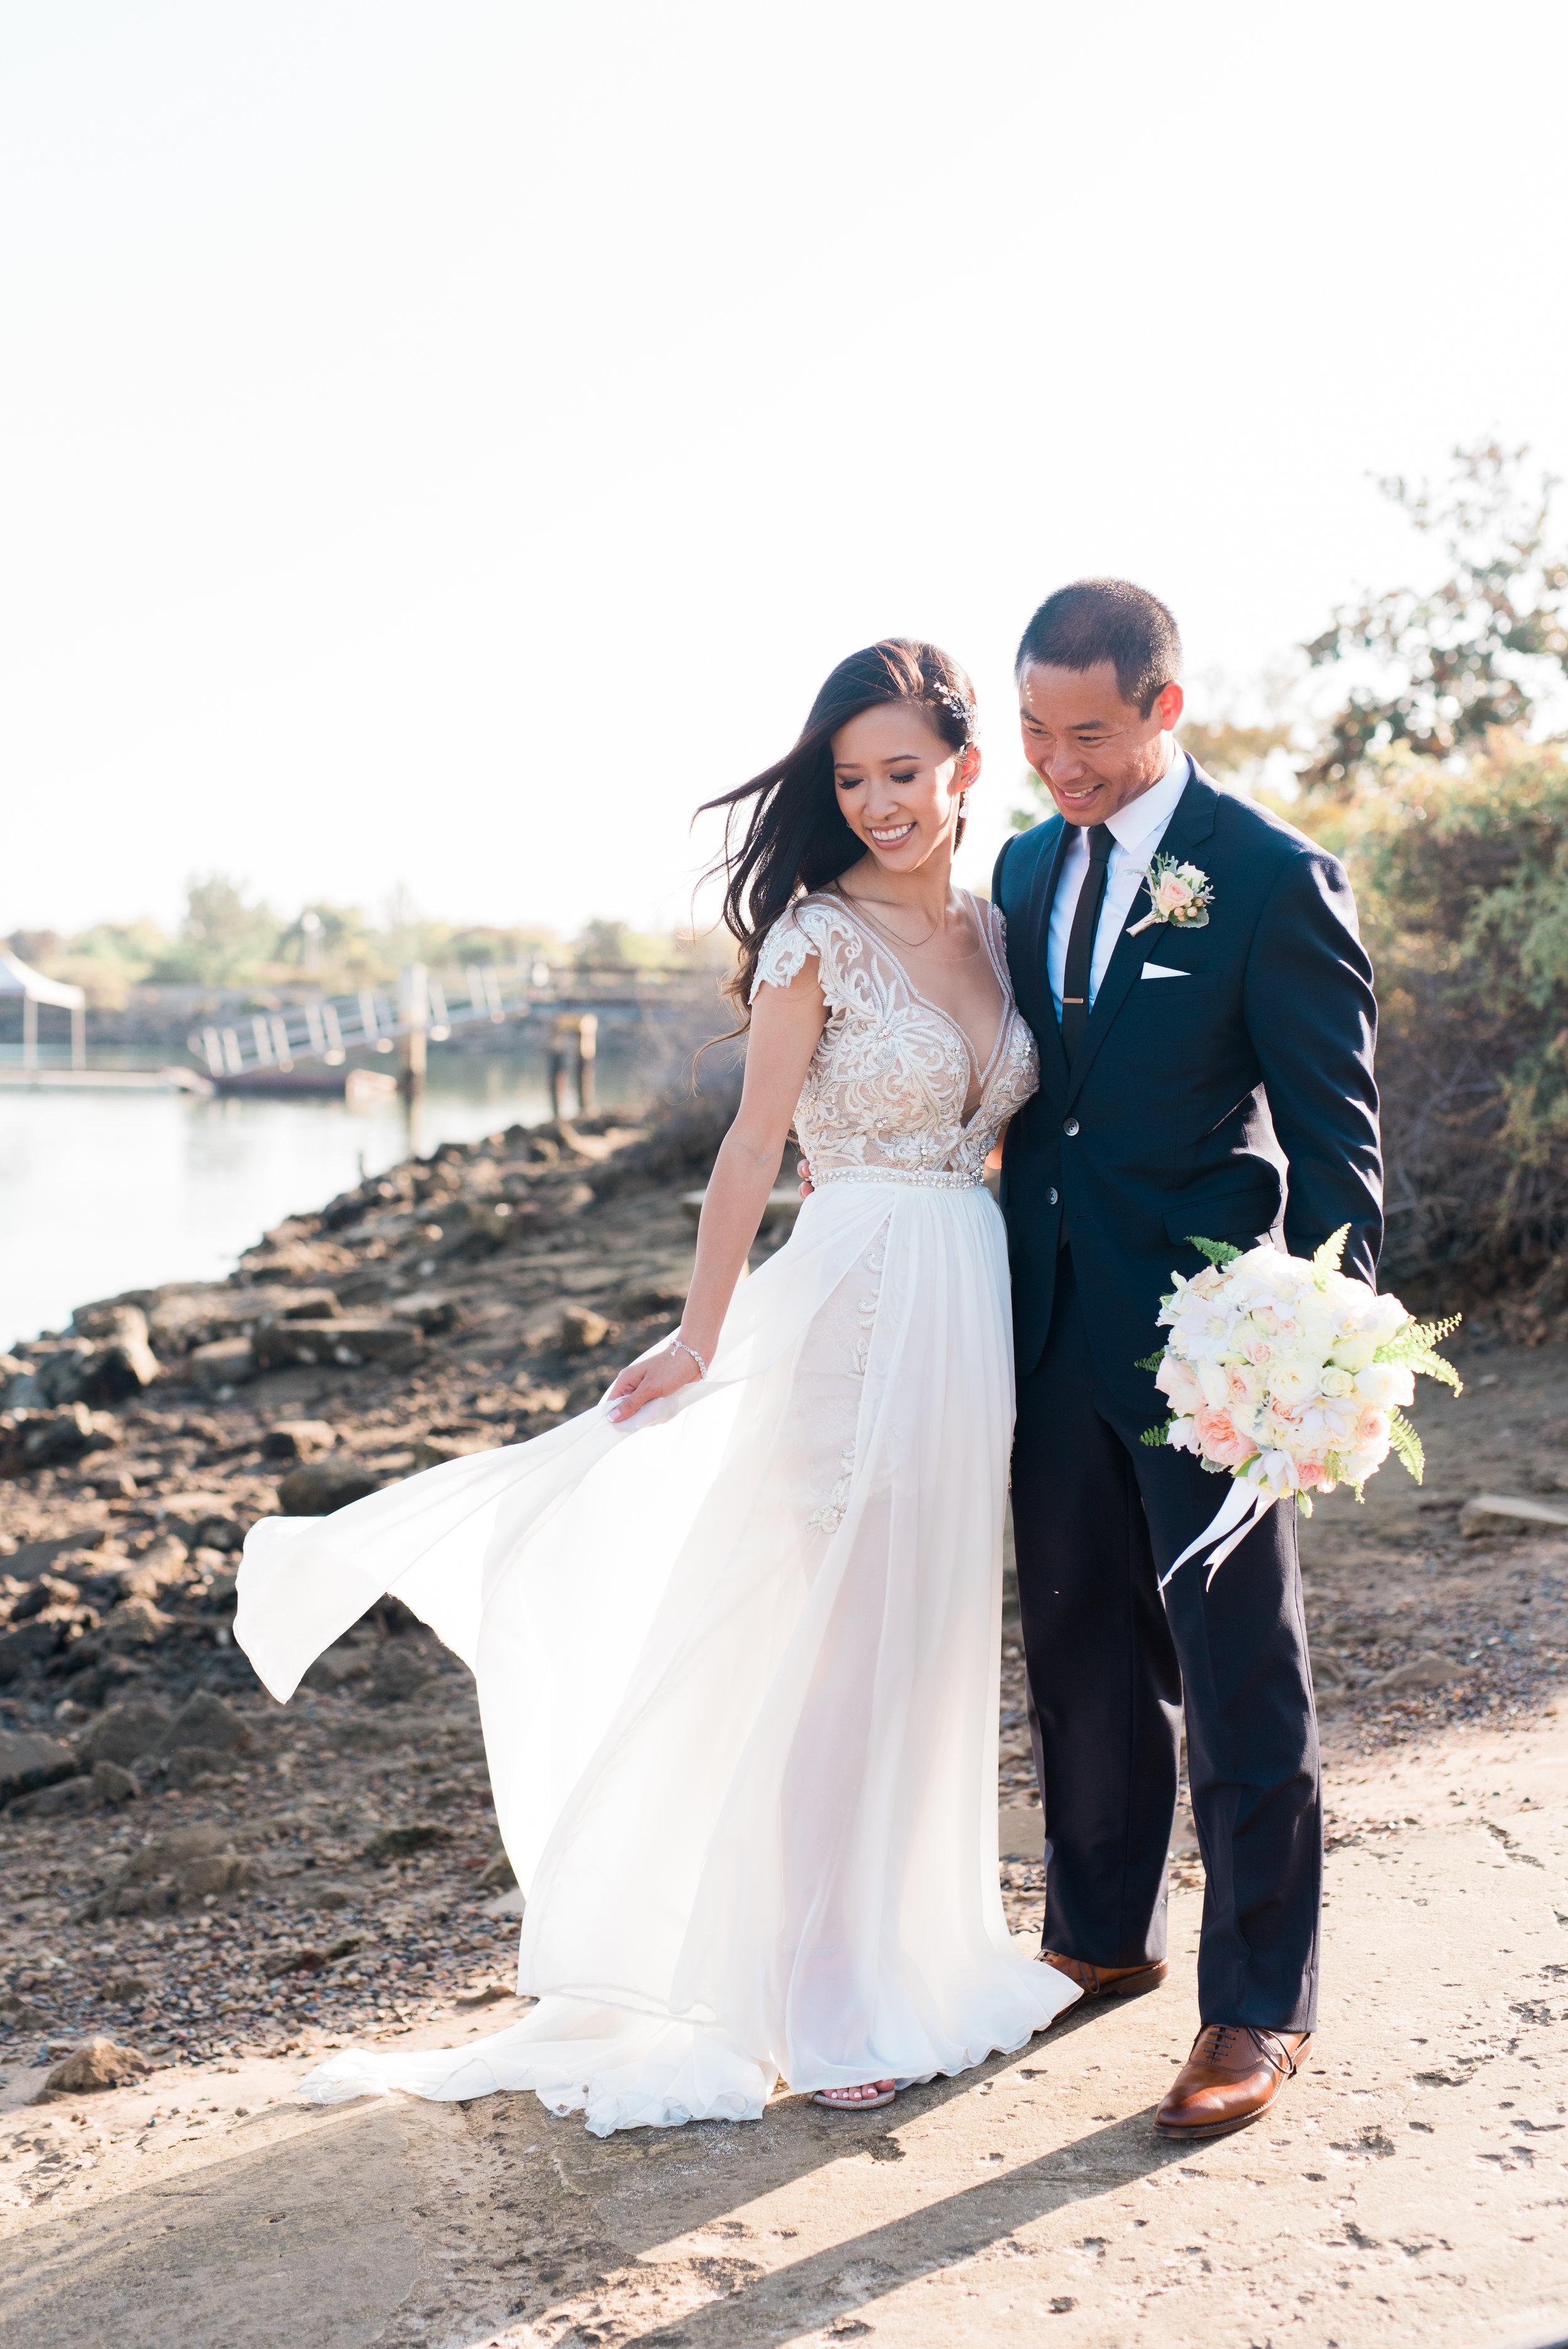 brick-san-diego-wedding-planner-best-wedding-planner-southern-california118.jpg